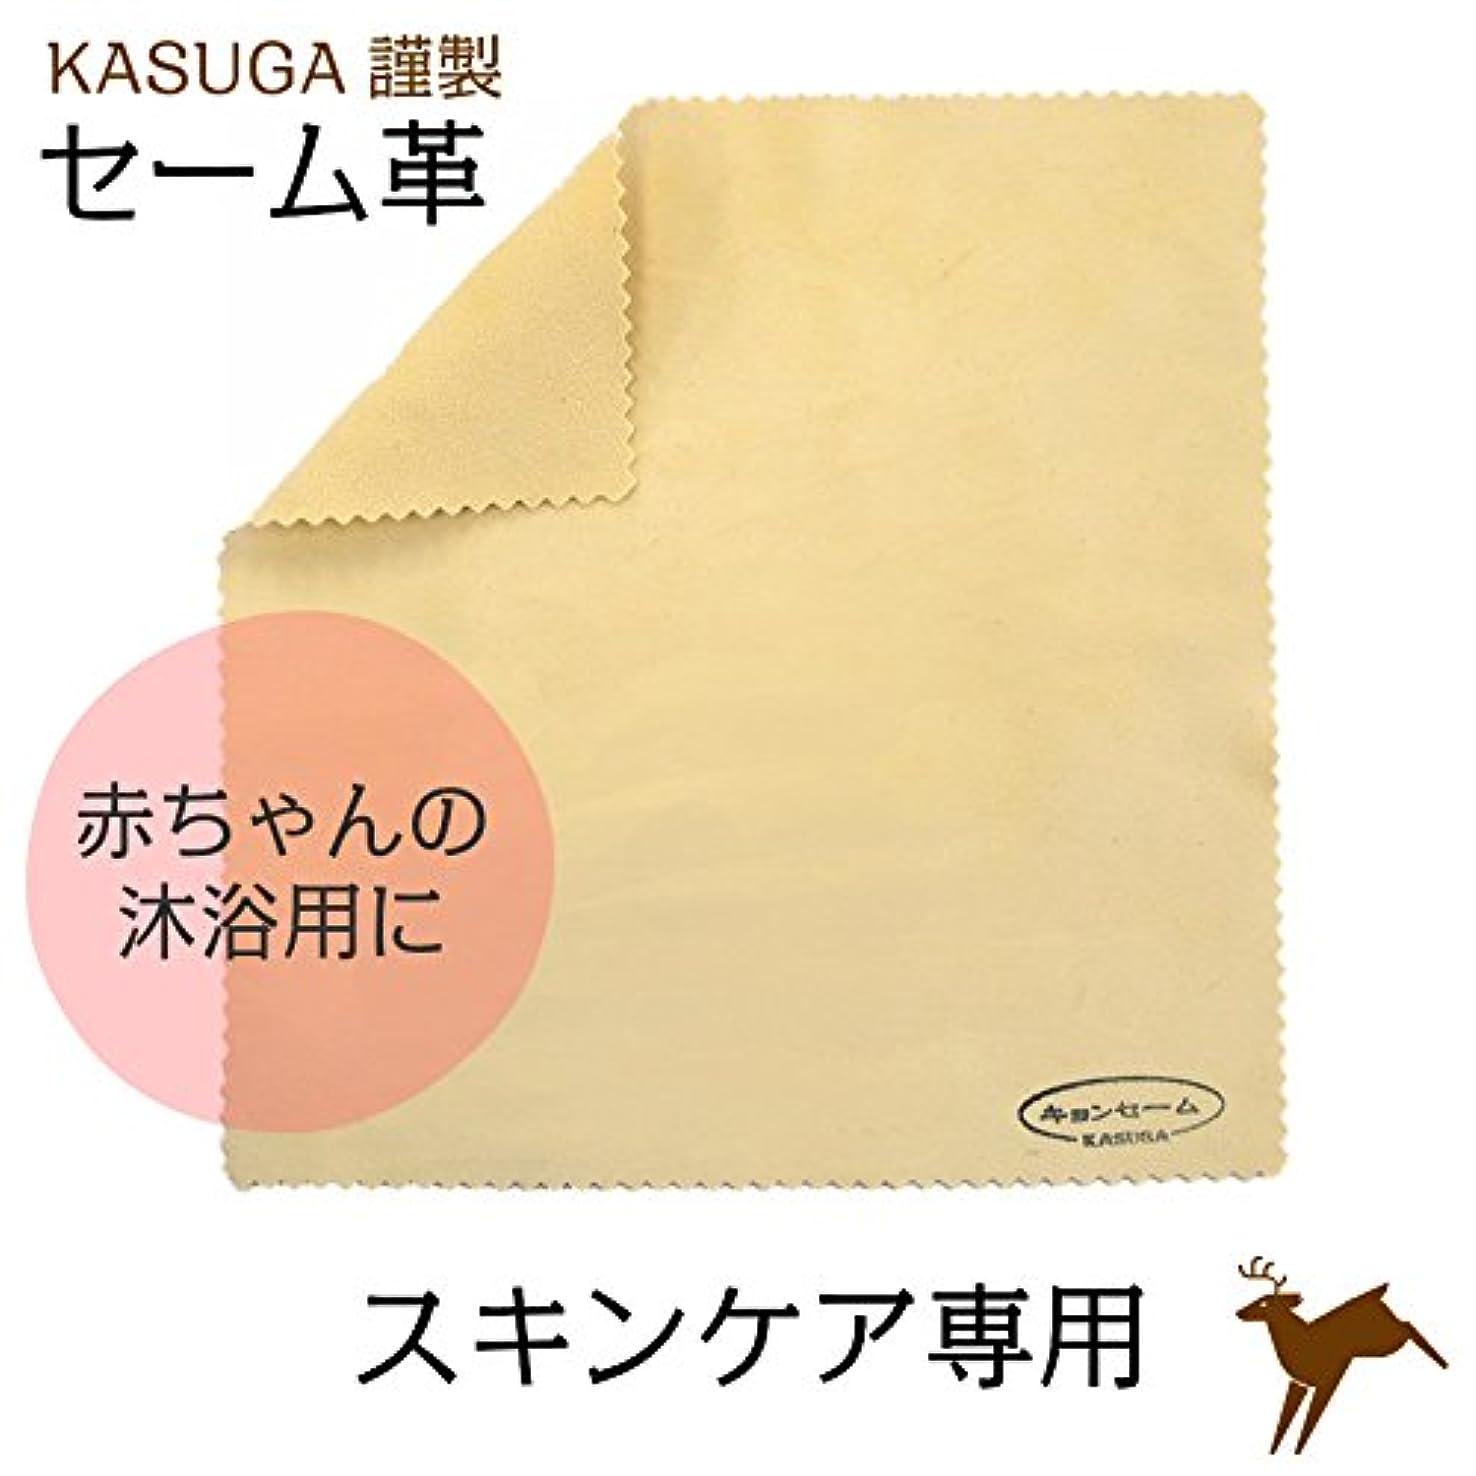 顔料スパークアレンジ春日カスガ謹製 スキンケア専用キョンセーム革 20cm×20cm